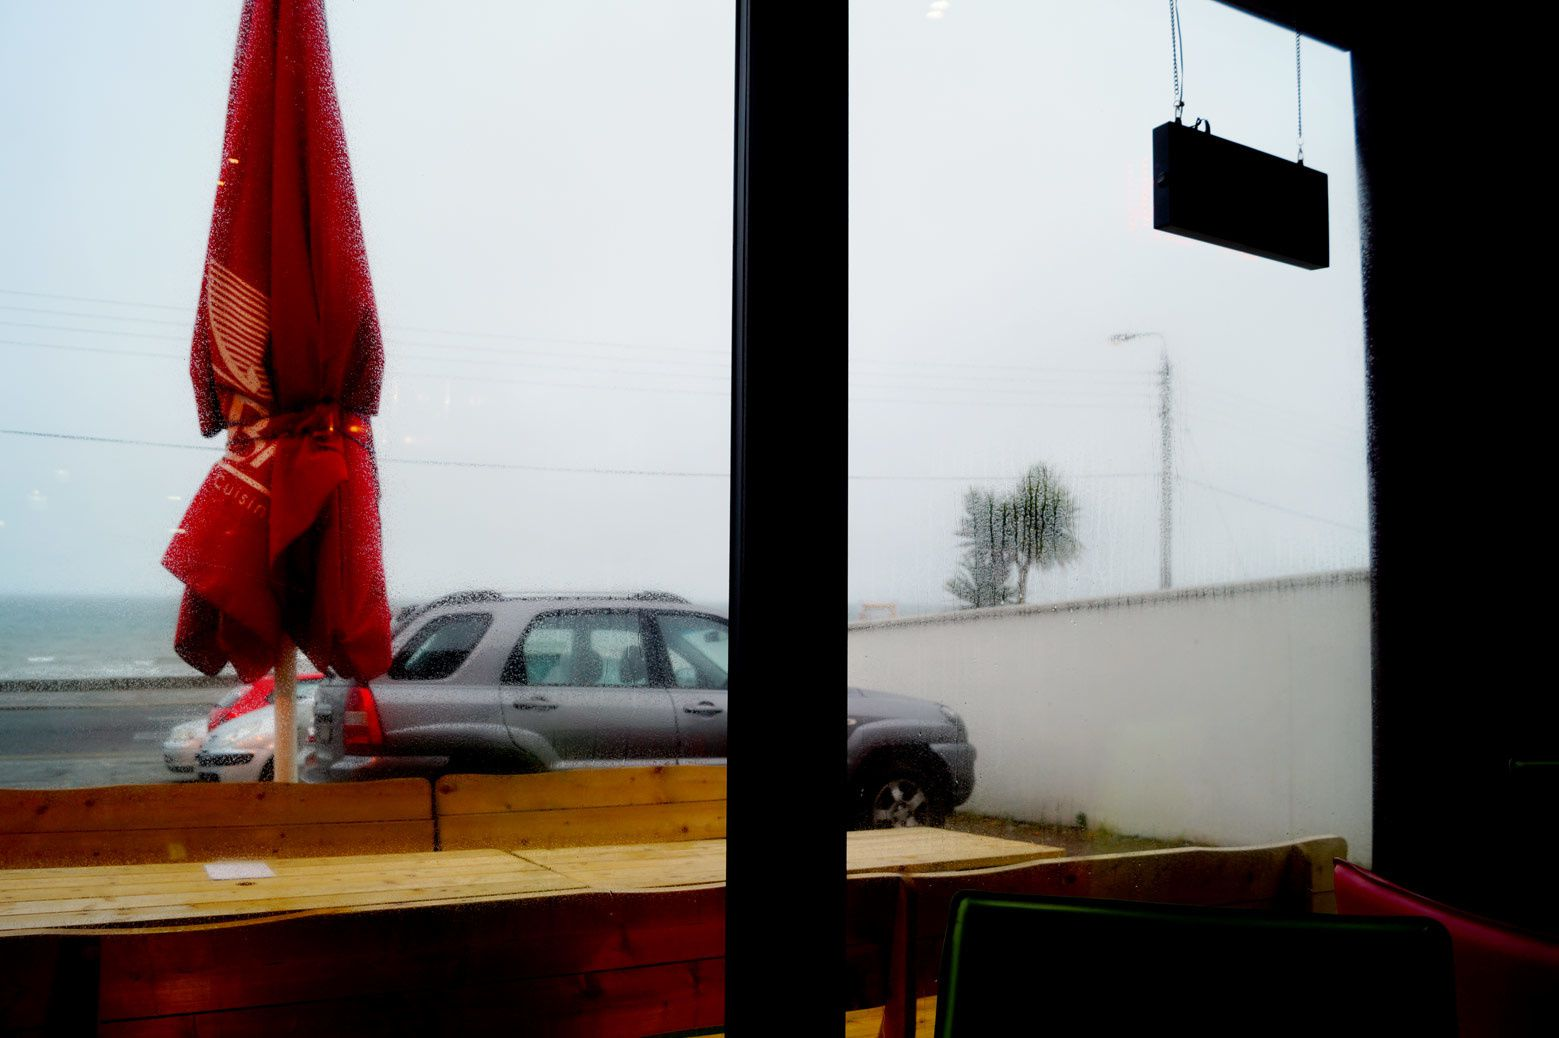 petit repas pris au Koba Thaï Takeaway & Delivery où de ma table bien à l'abri et au chaud j'assiste sur le parking face à la mer aux prémices d'un mauvais temps de mer qui se lève.